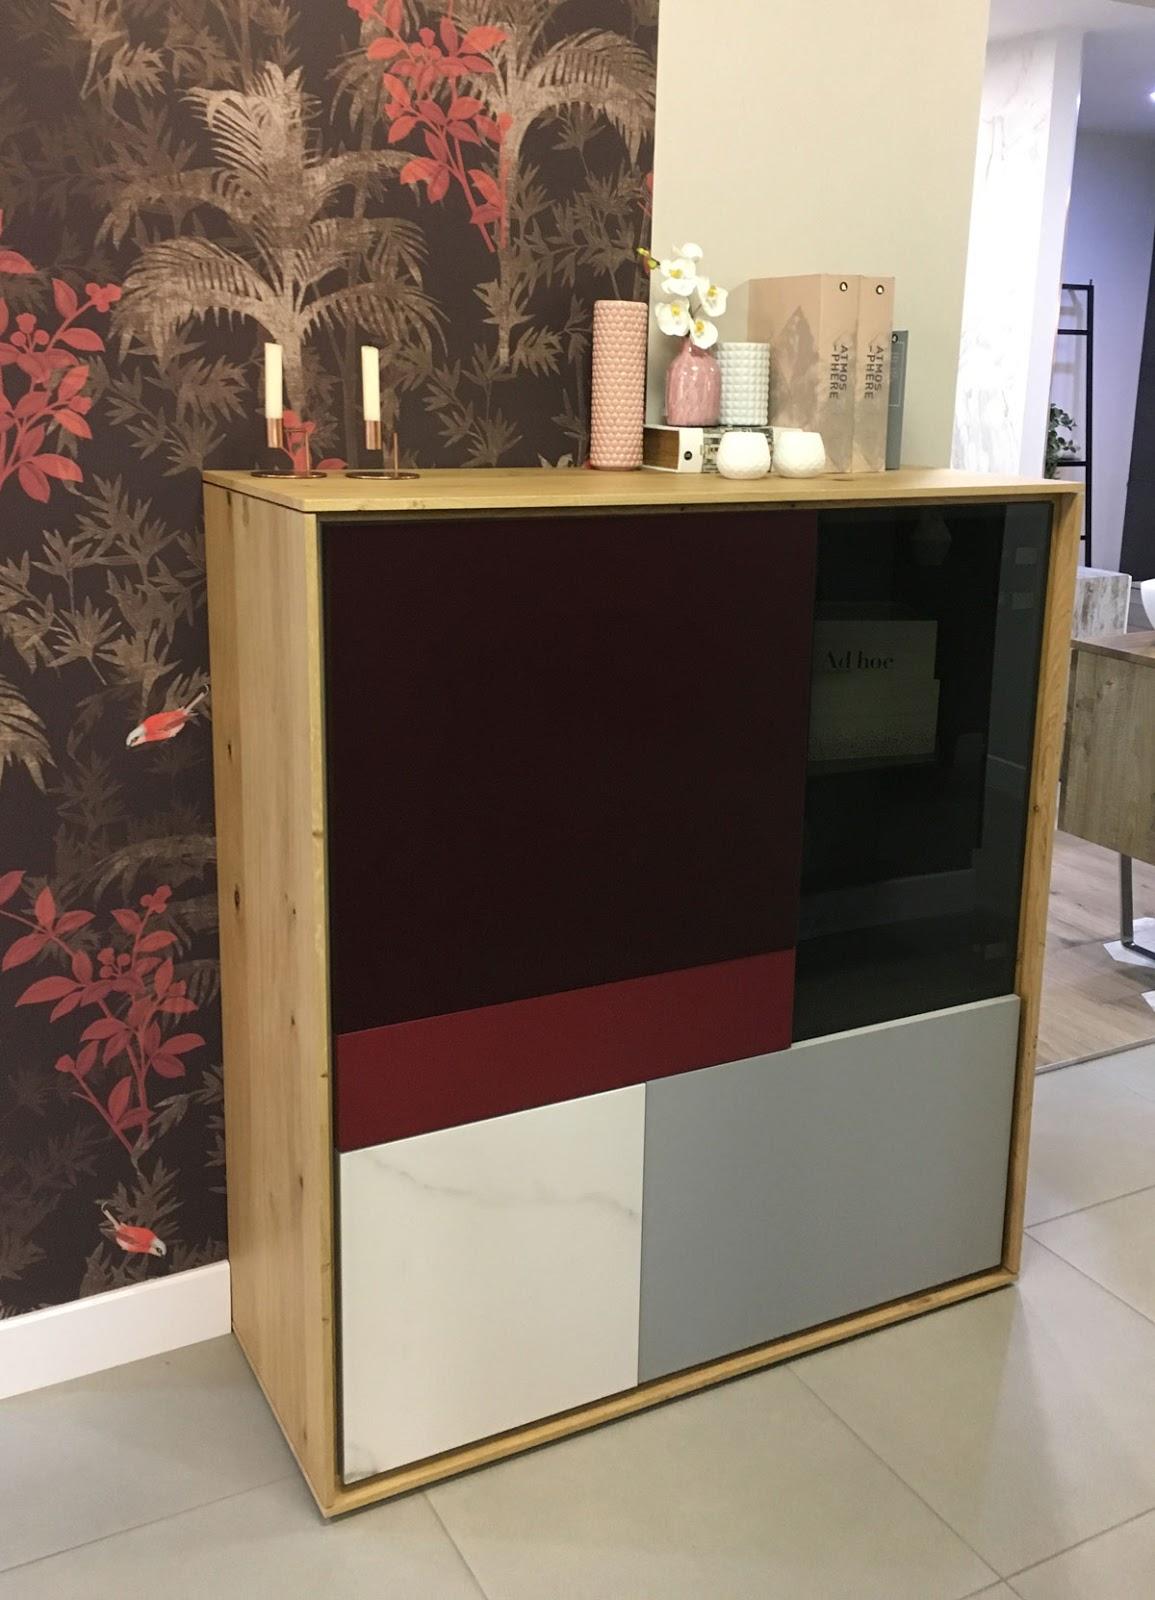 Muebles verge vive colecci n on book nuevos acabados - Acana interiorismo ...